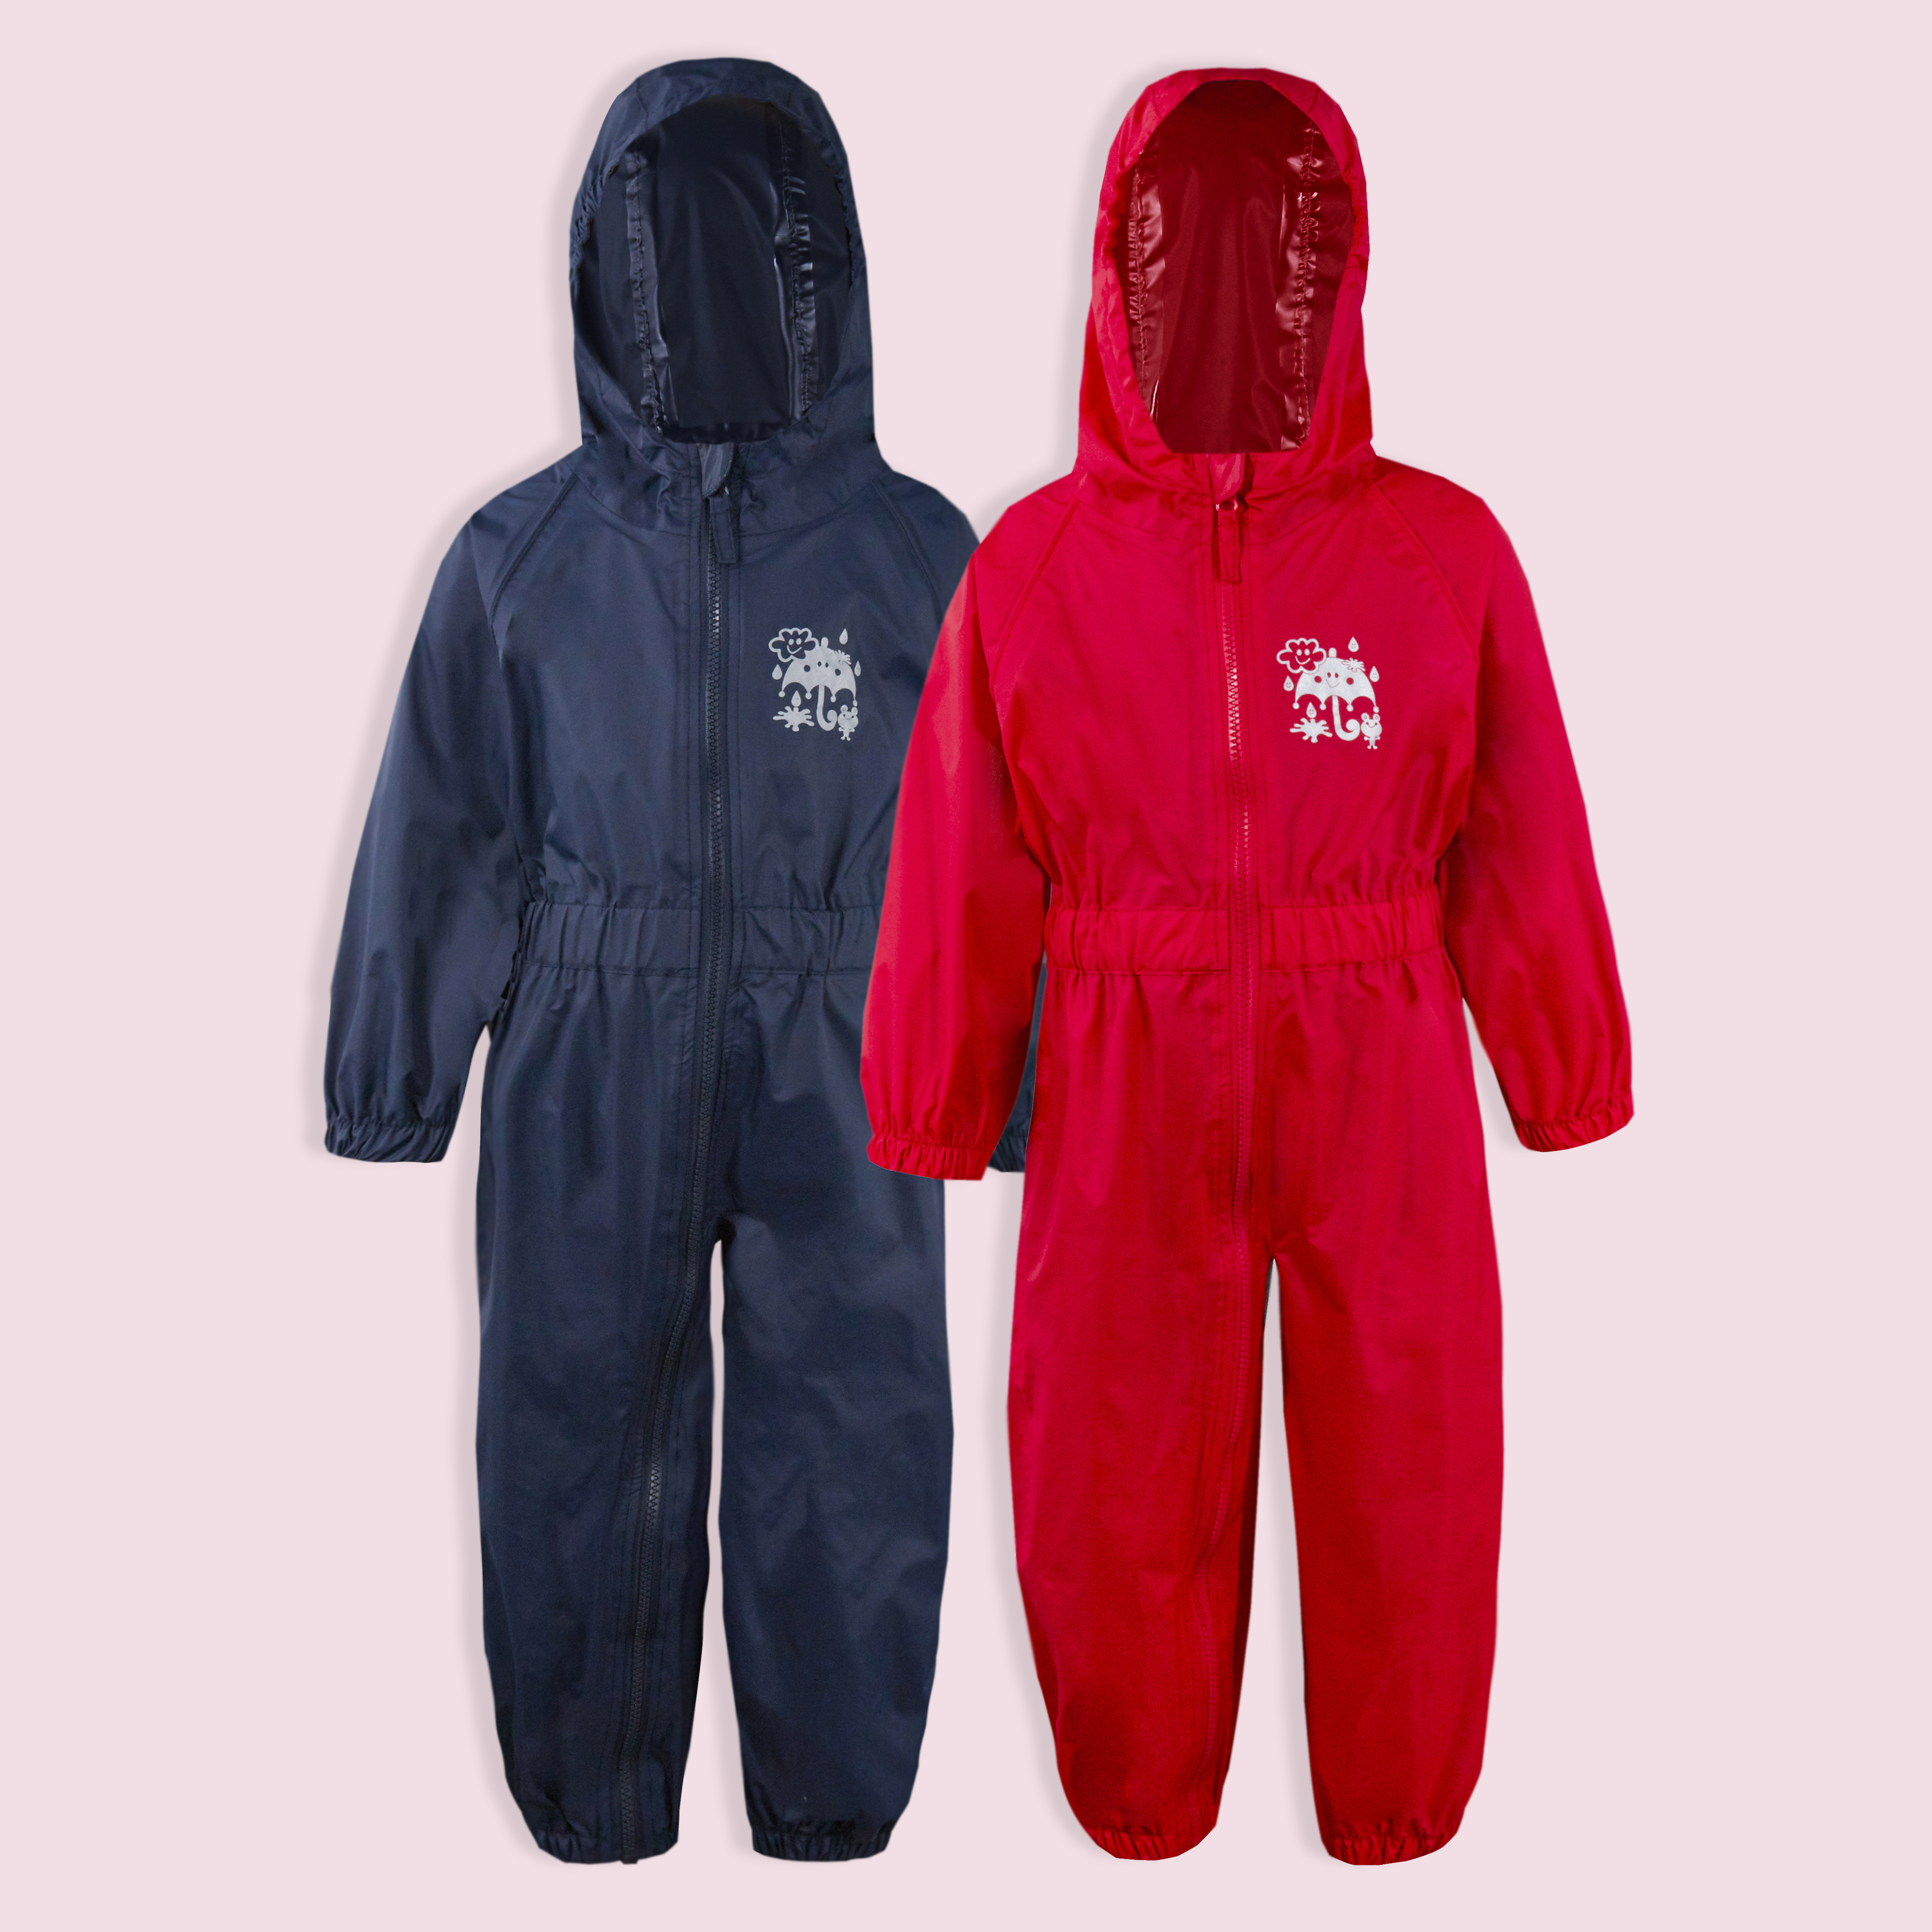 Childs-Enfants-Unisexe-Impermeable-Pluie-Puddle-Combinaison-Tout-en-Un-Leger-Fermeture-Eclair-Set miniature 17